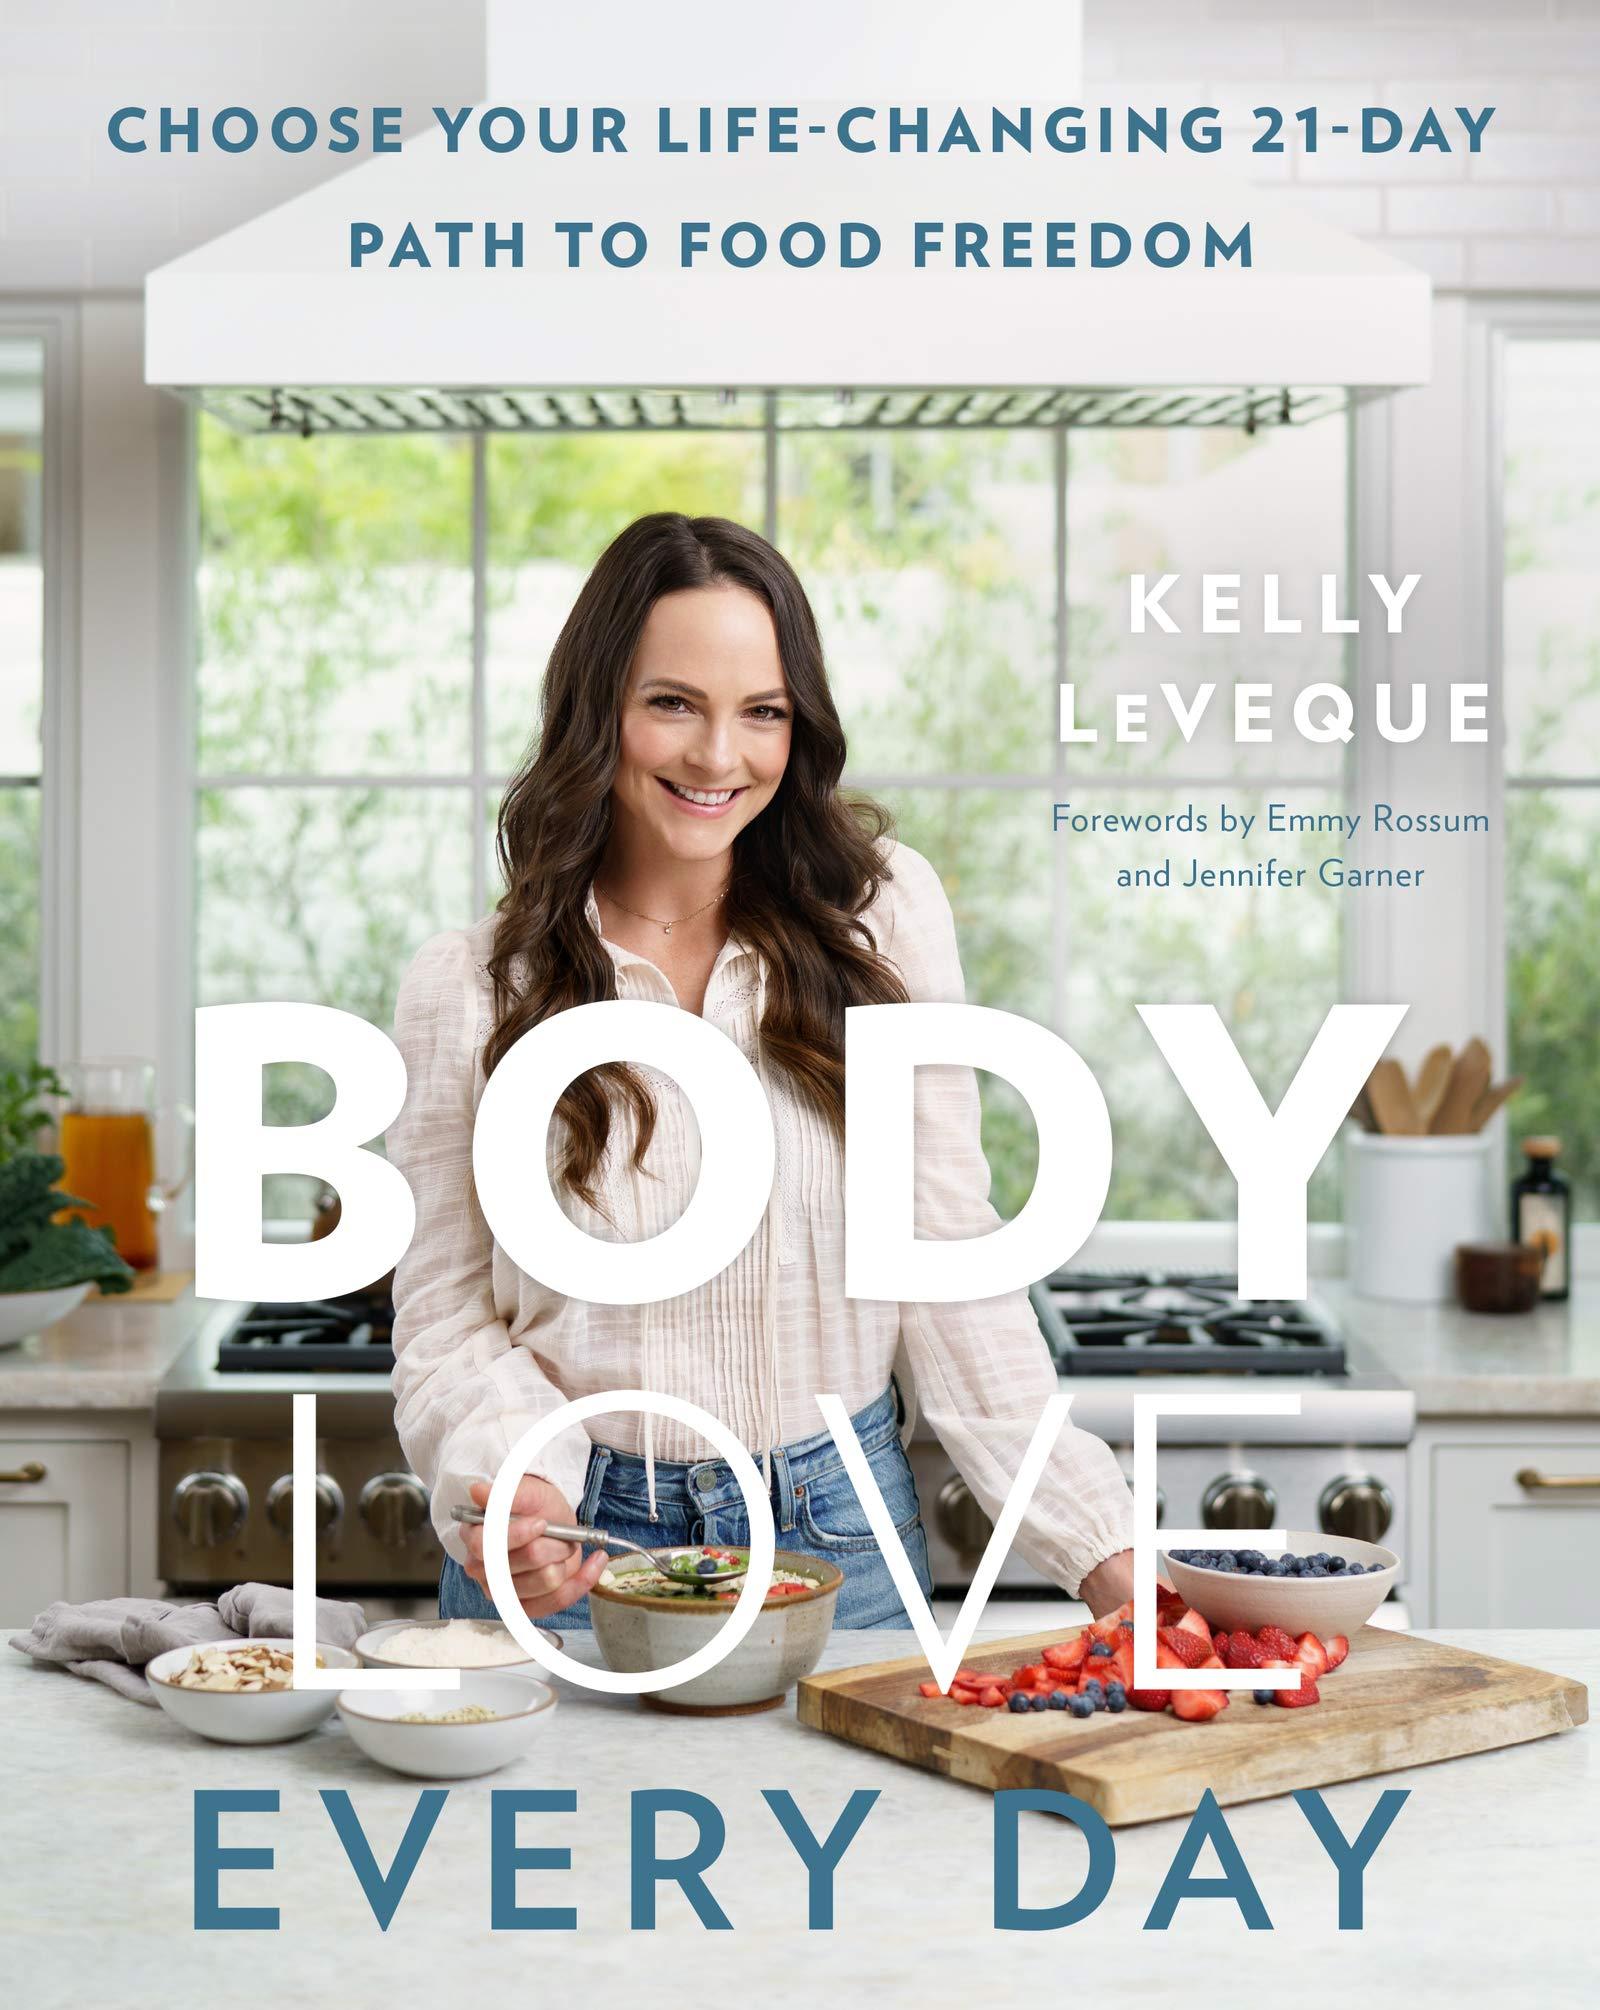 El libro de Kelly LeVeque